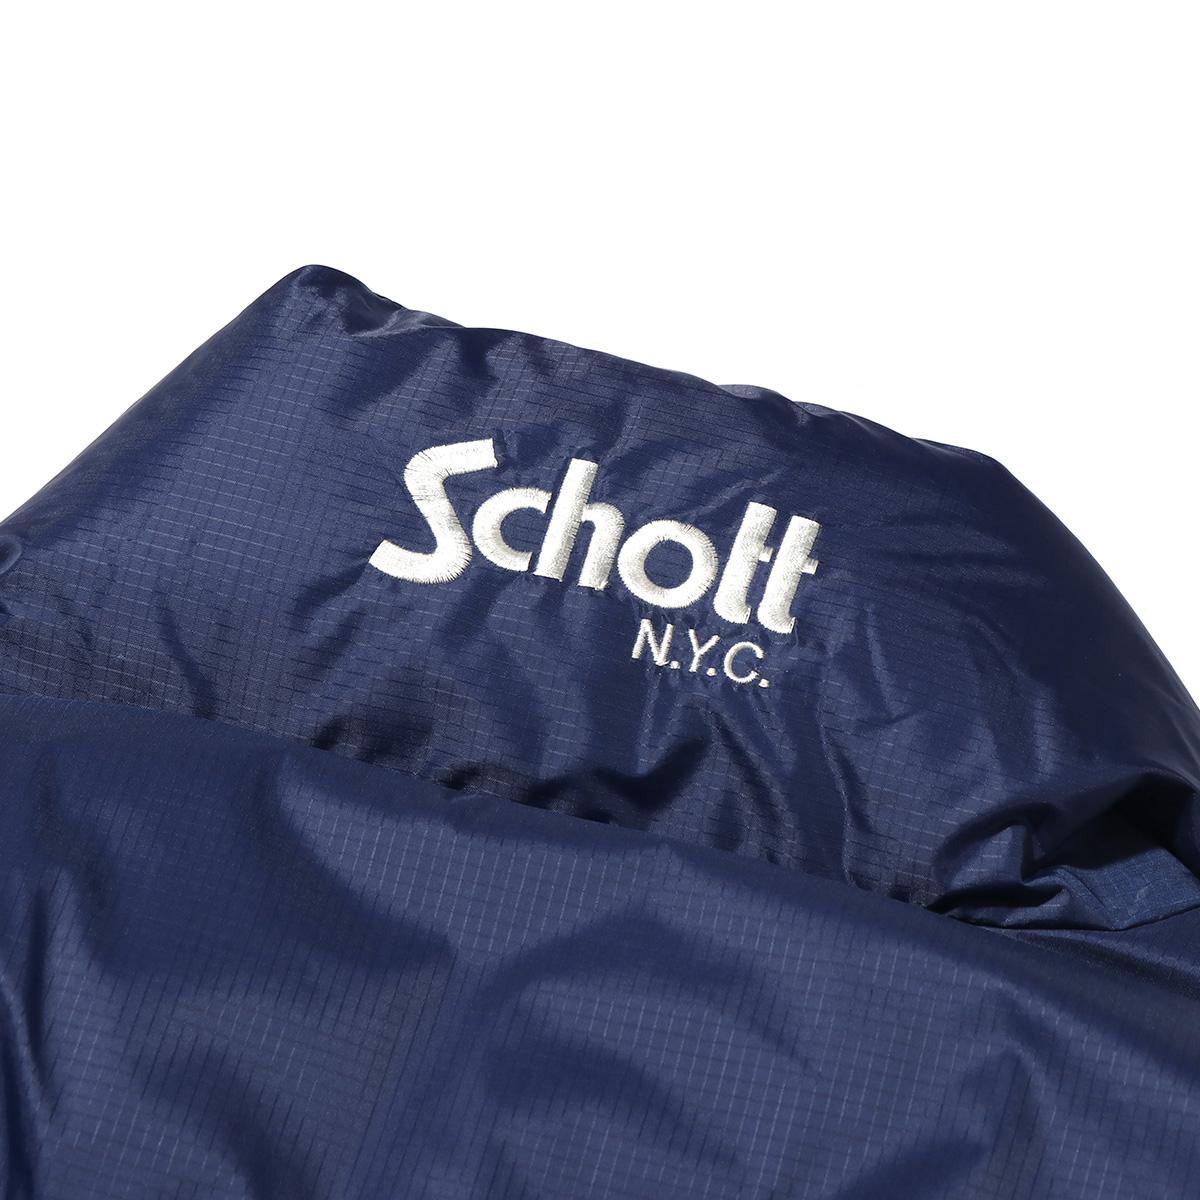 SCHOTT x ATMOS LAB REVERSIBLE DOWN JACKETショット アトモスラボ リバーシブル ダウン ジャケット BLUE メンズ ジャケット 18FW SvwN80nmO